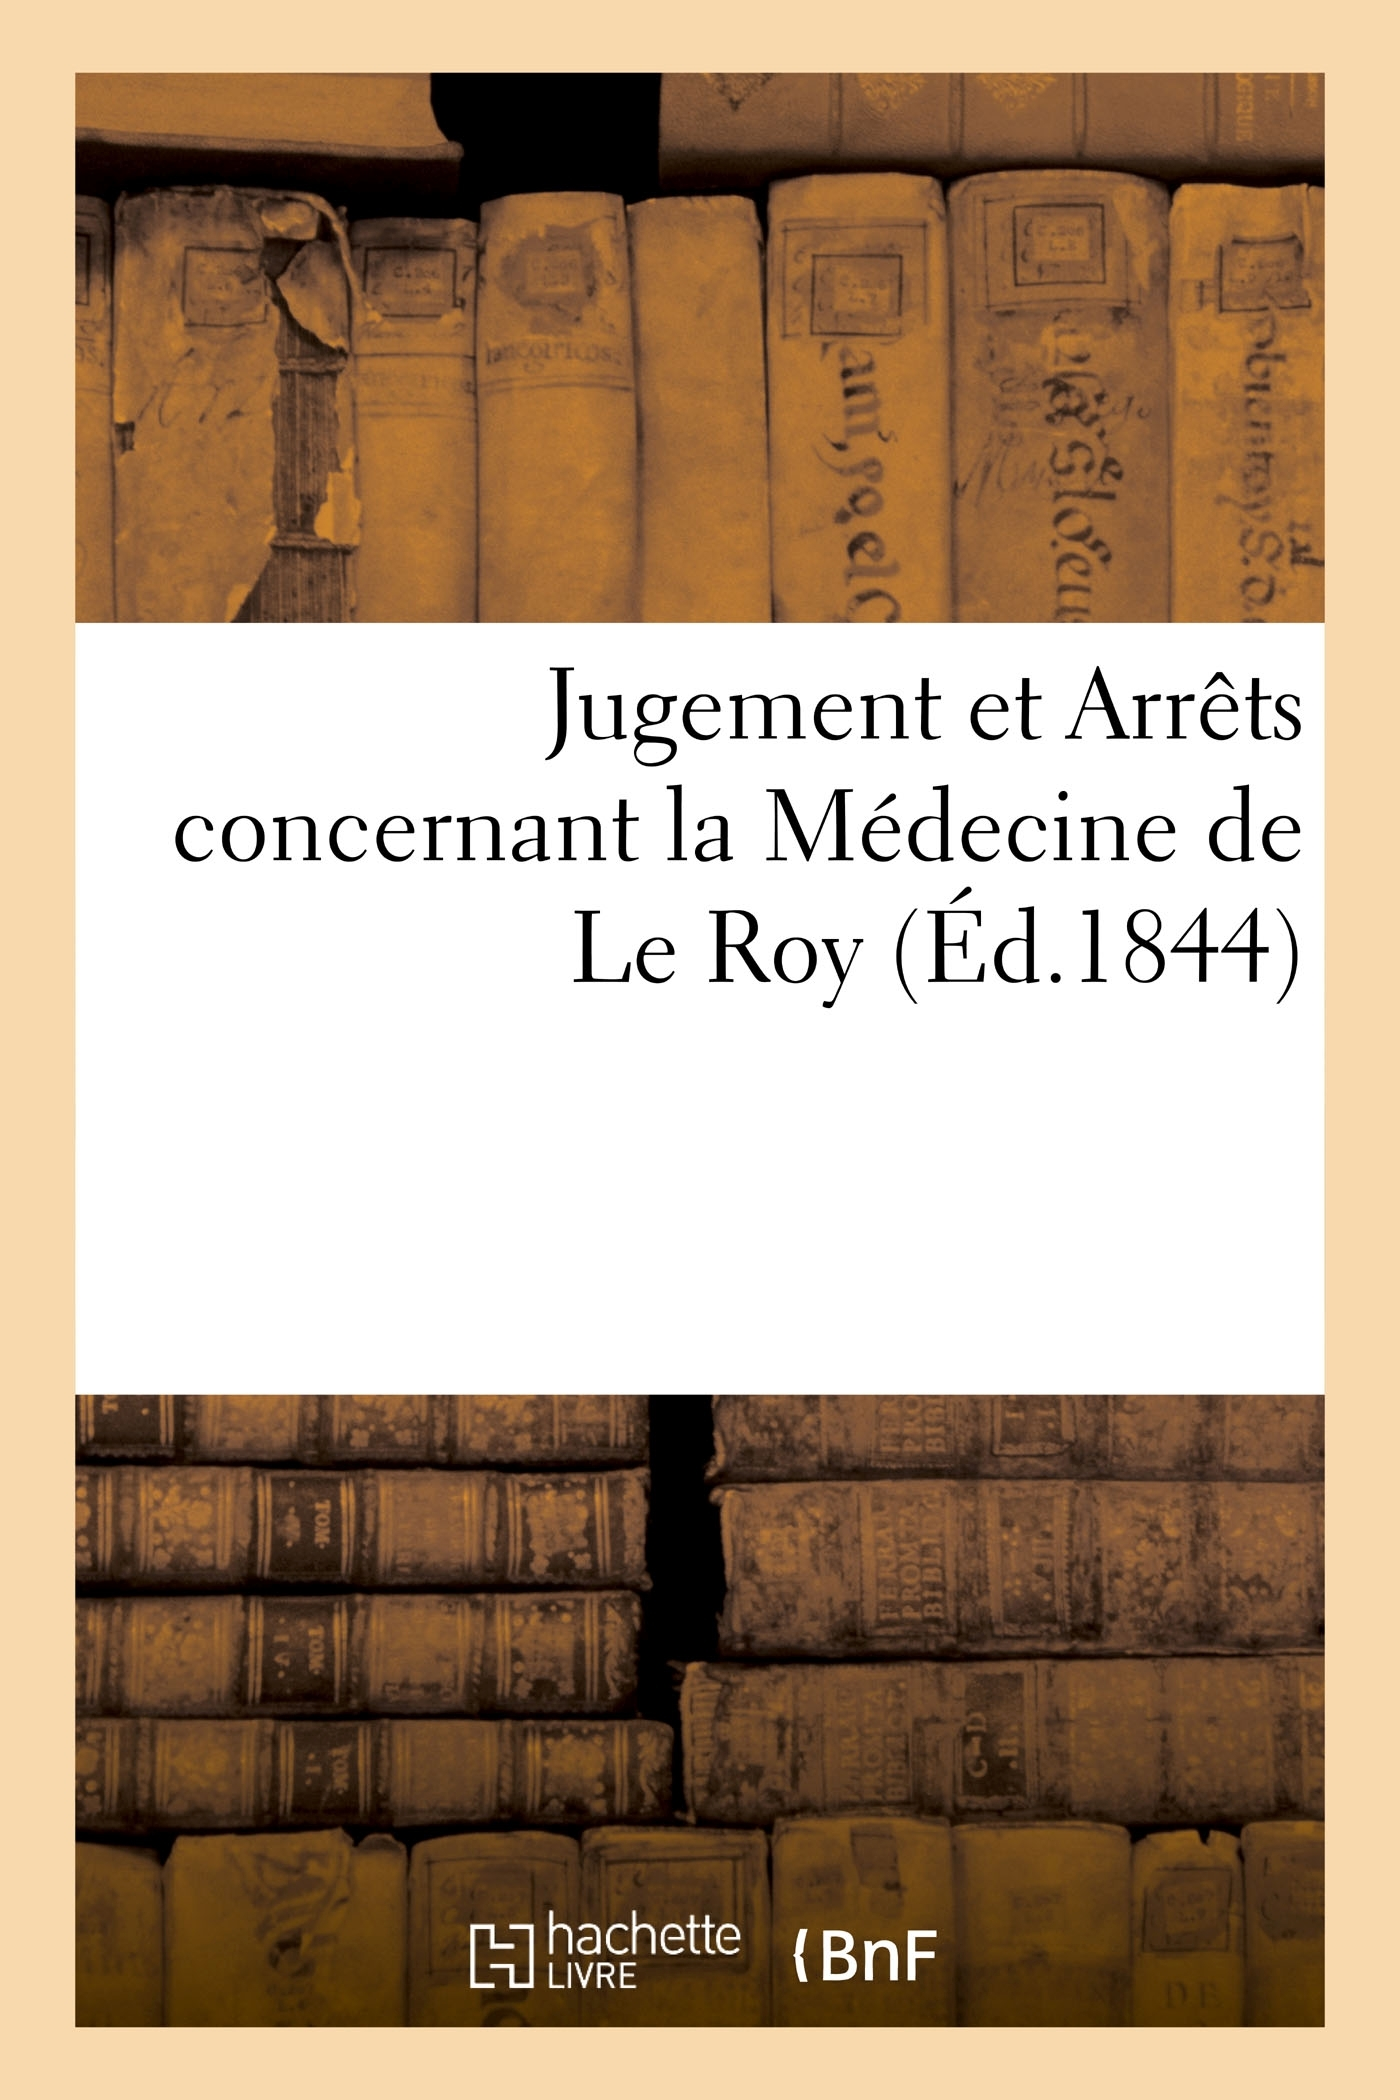 JUGEMENT ET ARRETS CONCERNANT LA MEDECINE DE LE ROY